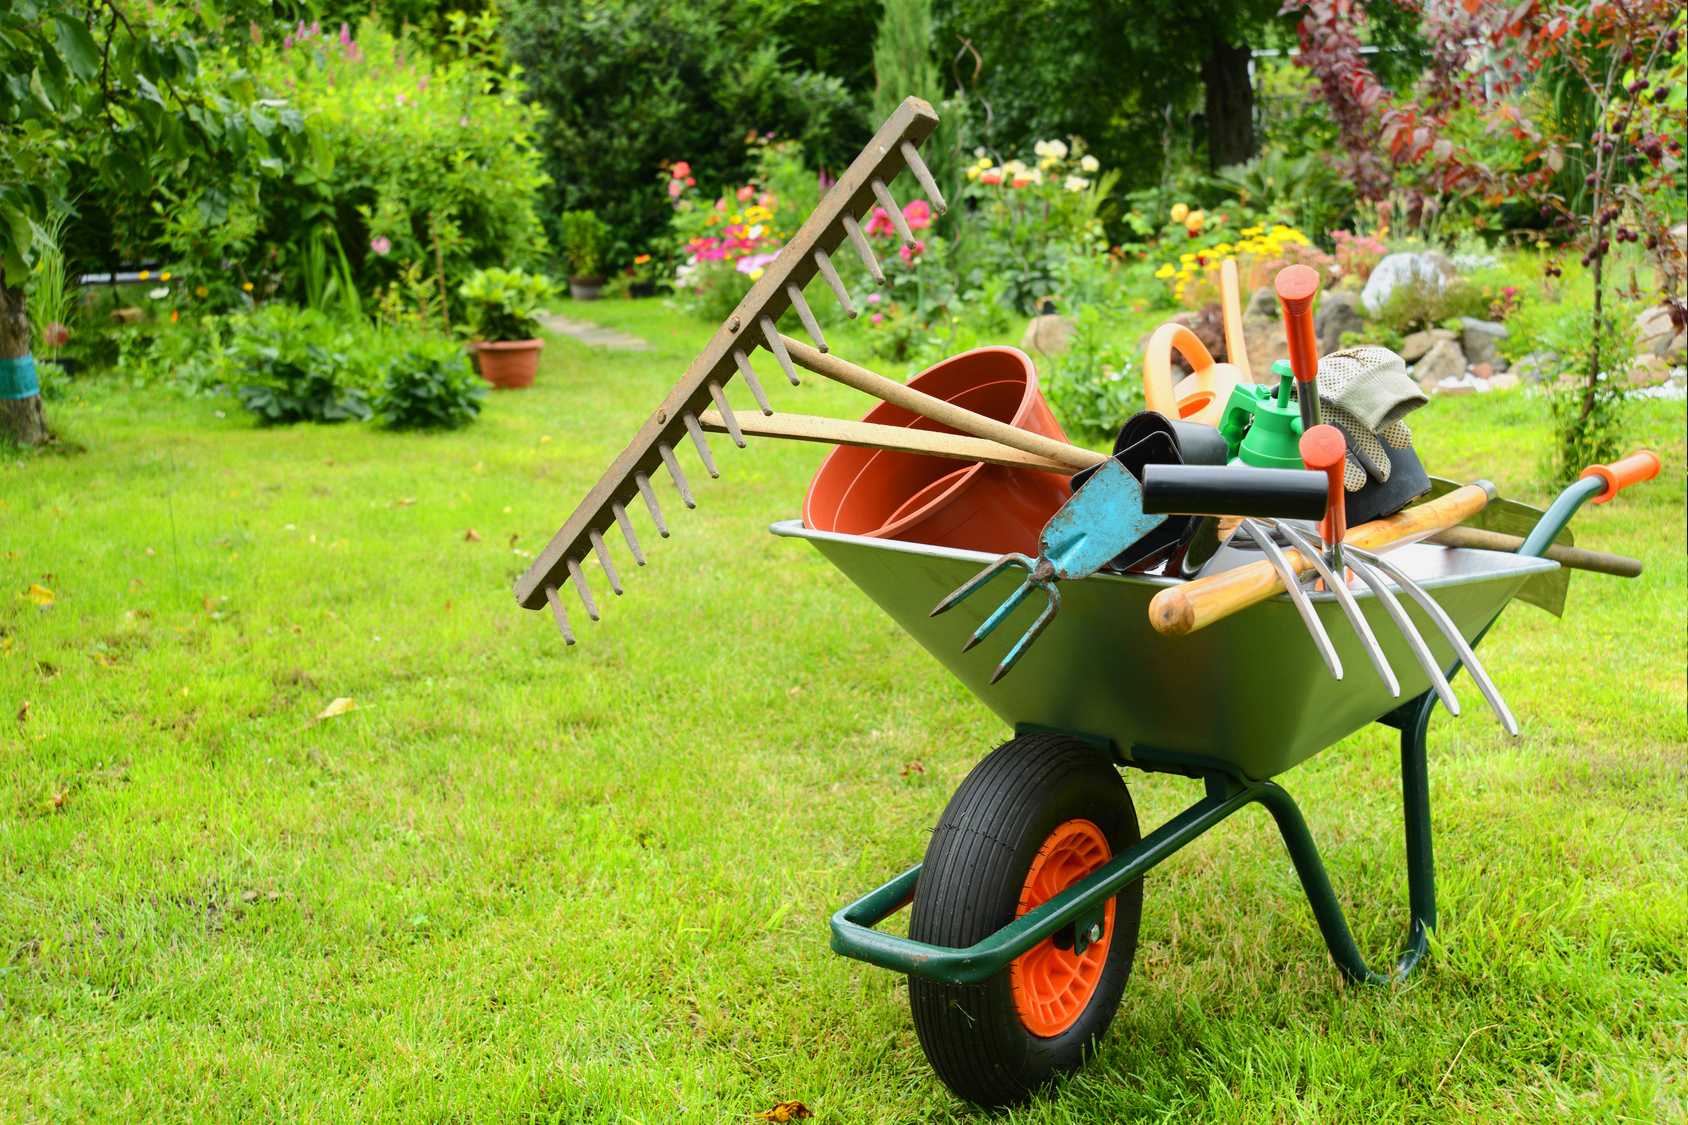 Entretien plante et d coration jardin univers d co - Entretien jardin locataire ...